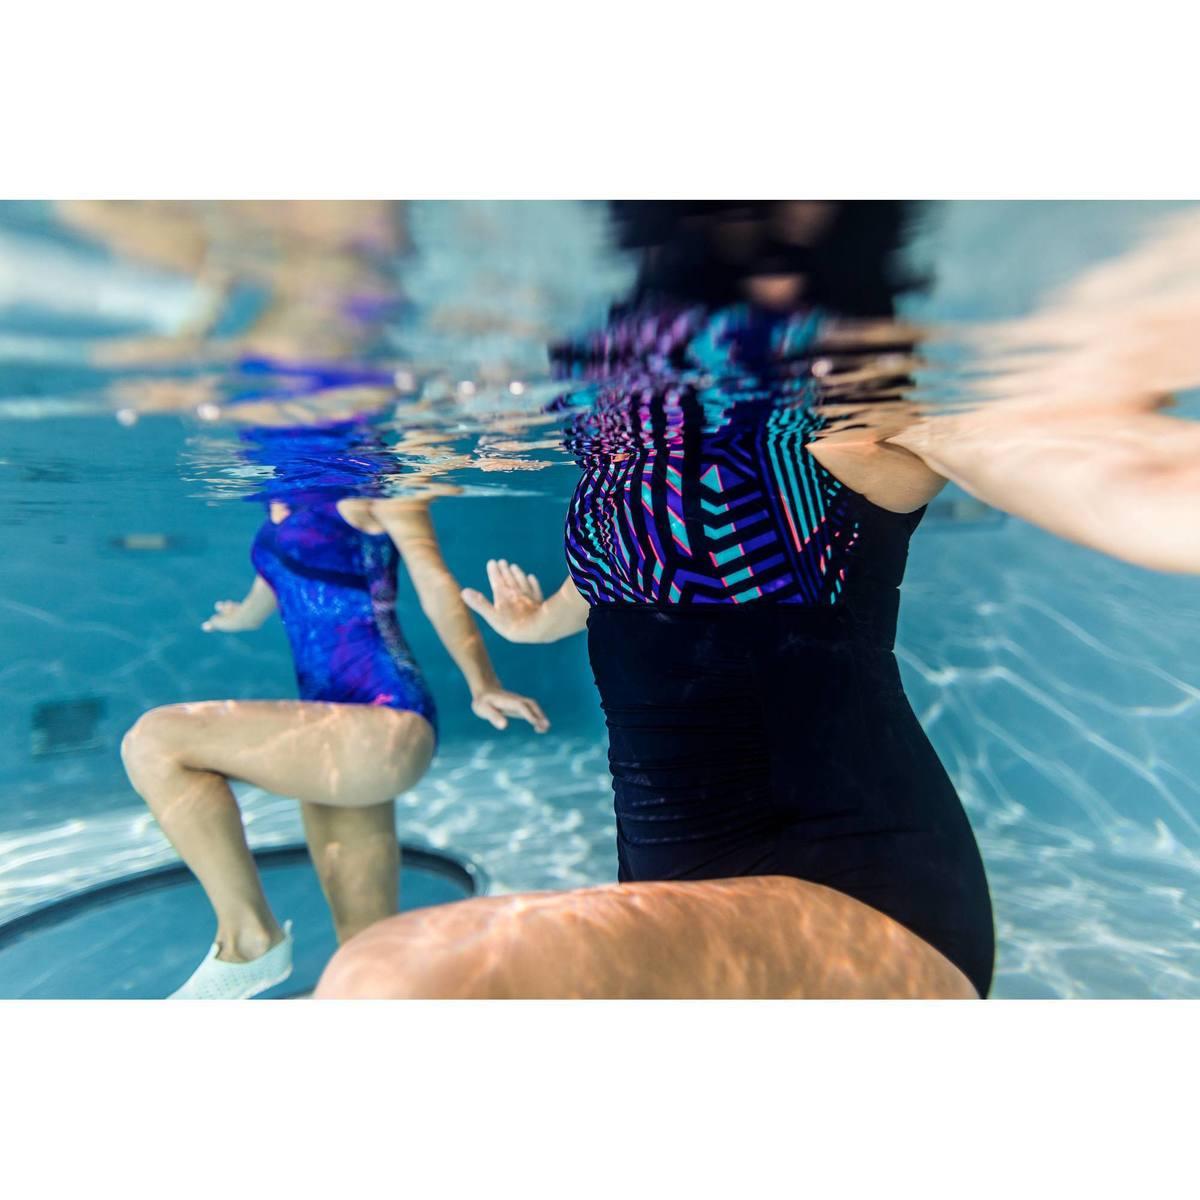 Bild 3 von Badeanzug Aquagym figurformend Mary Fici Damen blau